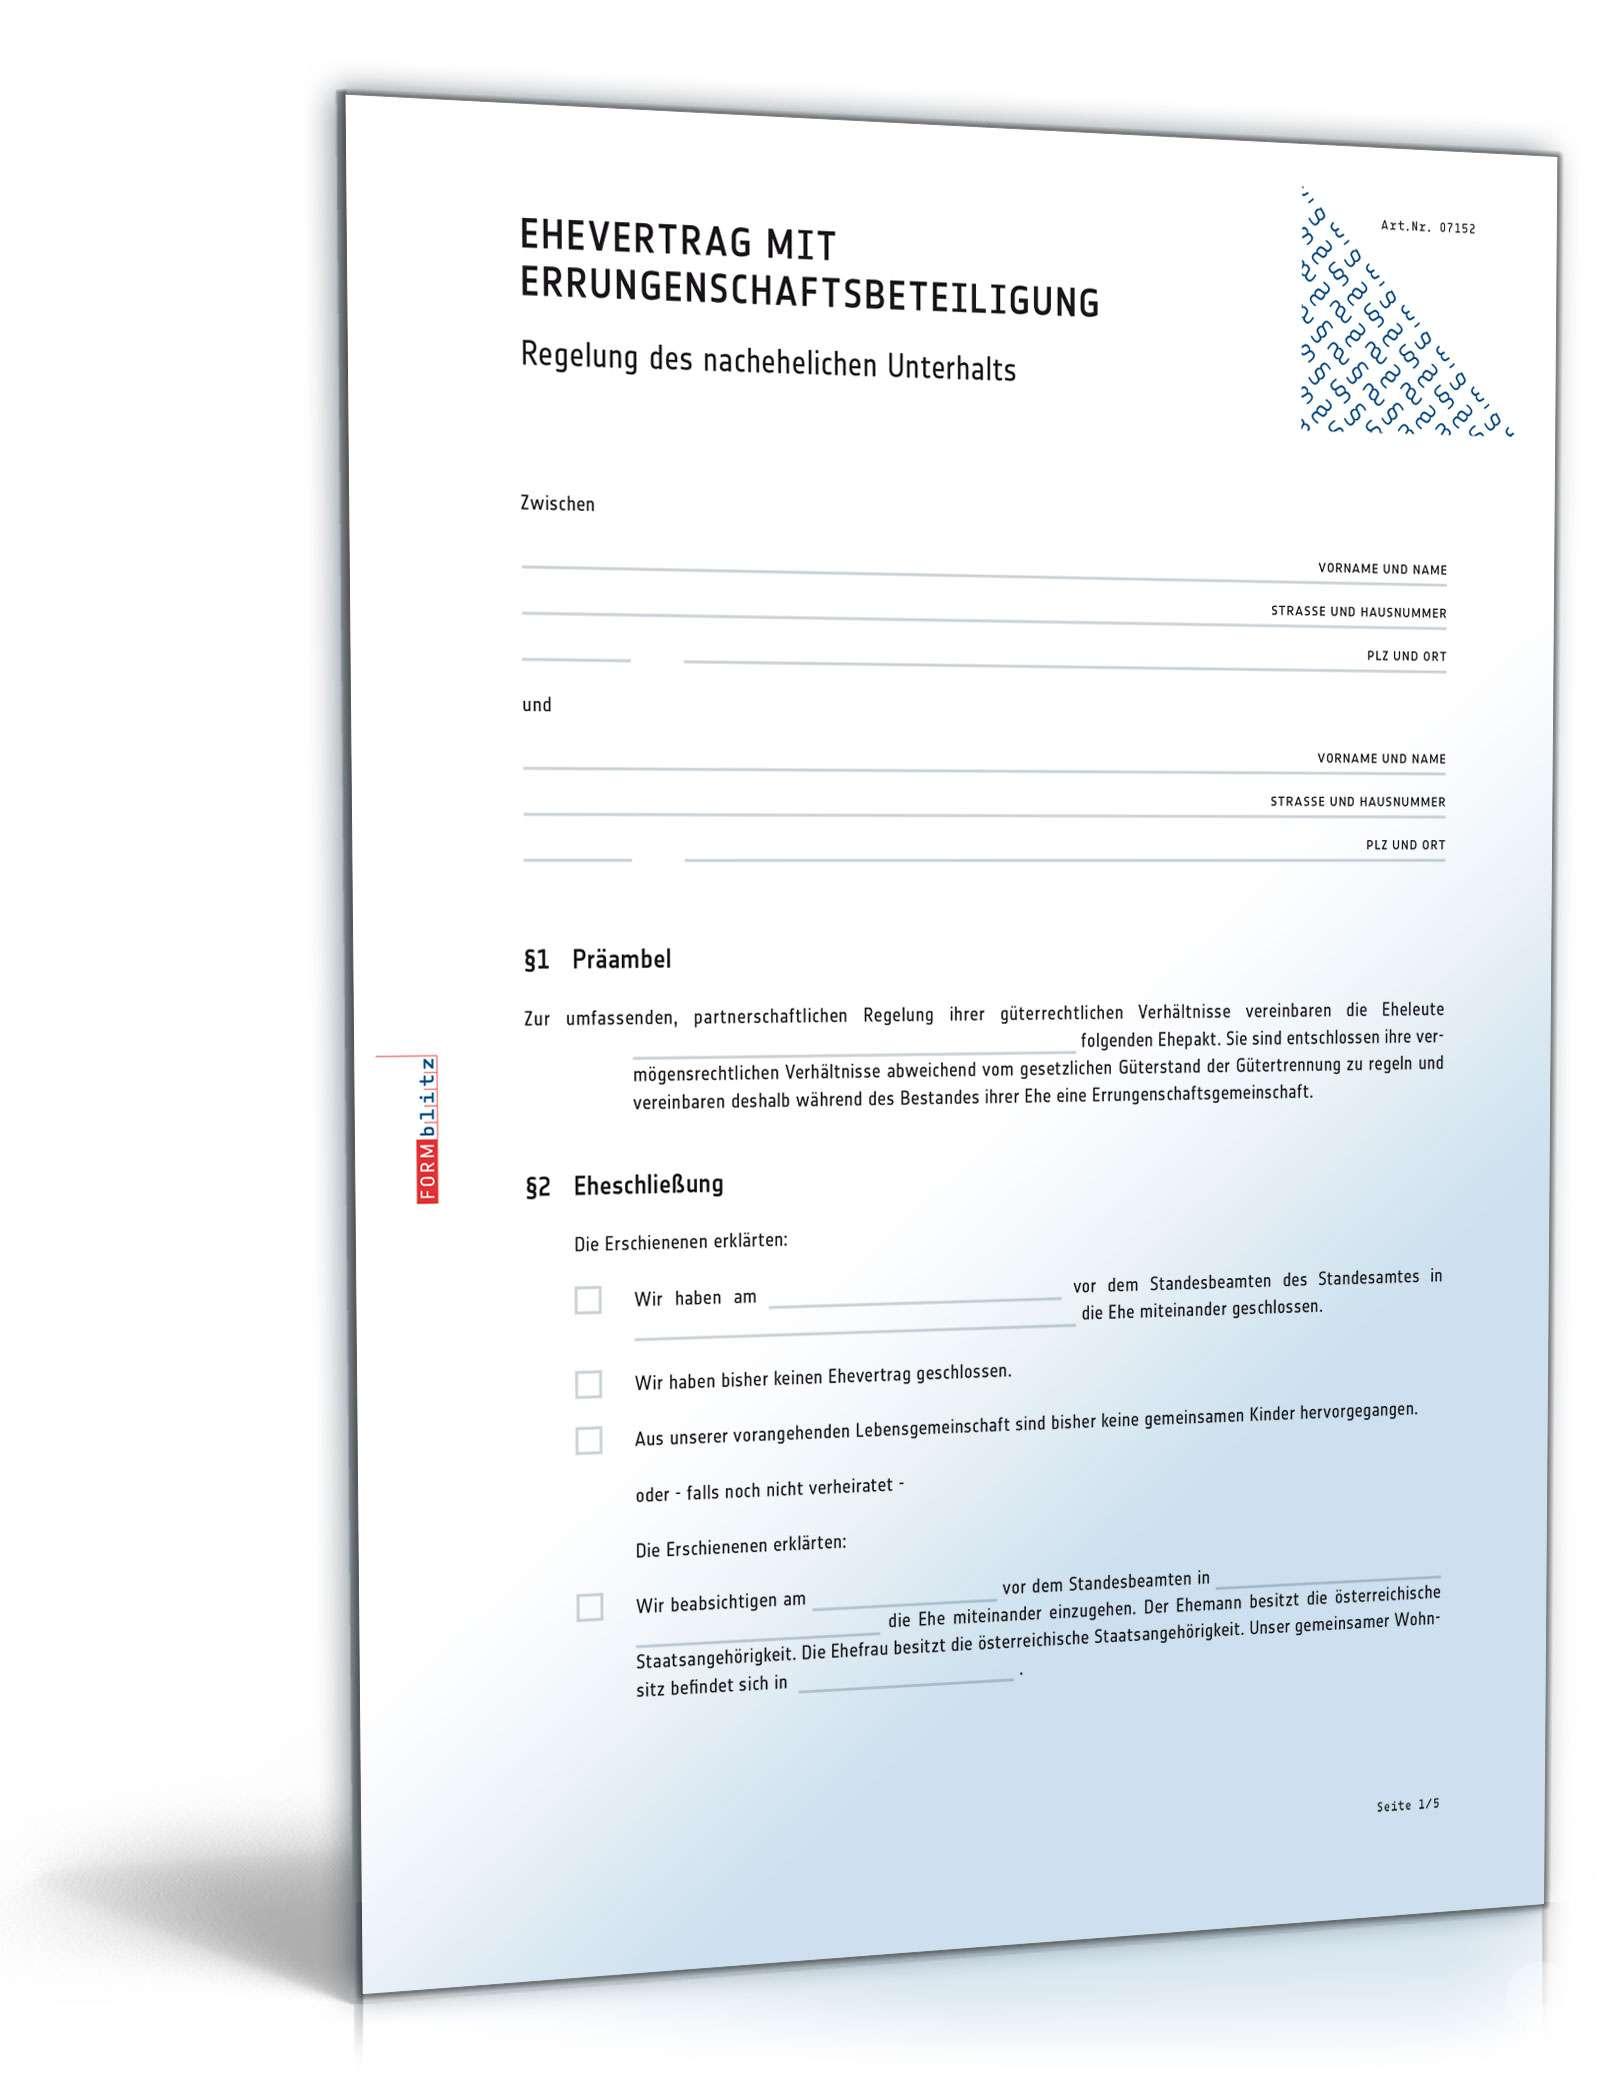 Ehevertrag mit Errungenschaftsbeteiligung - Muster-Vorlage zum Download